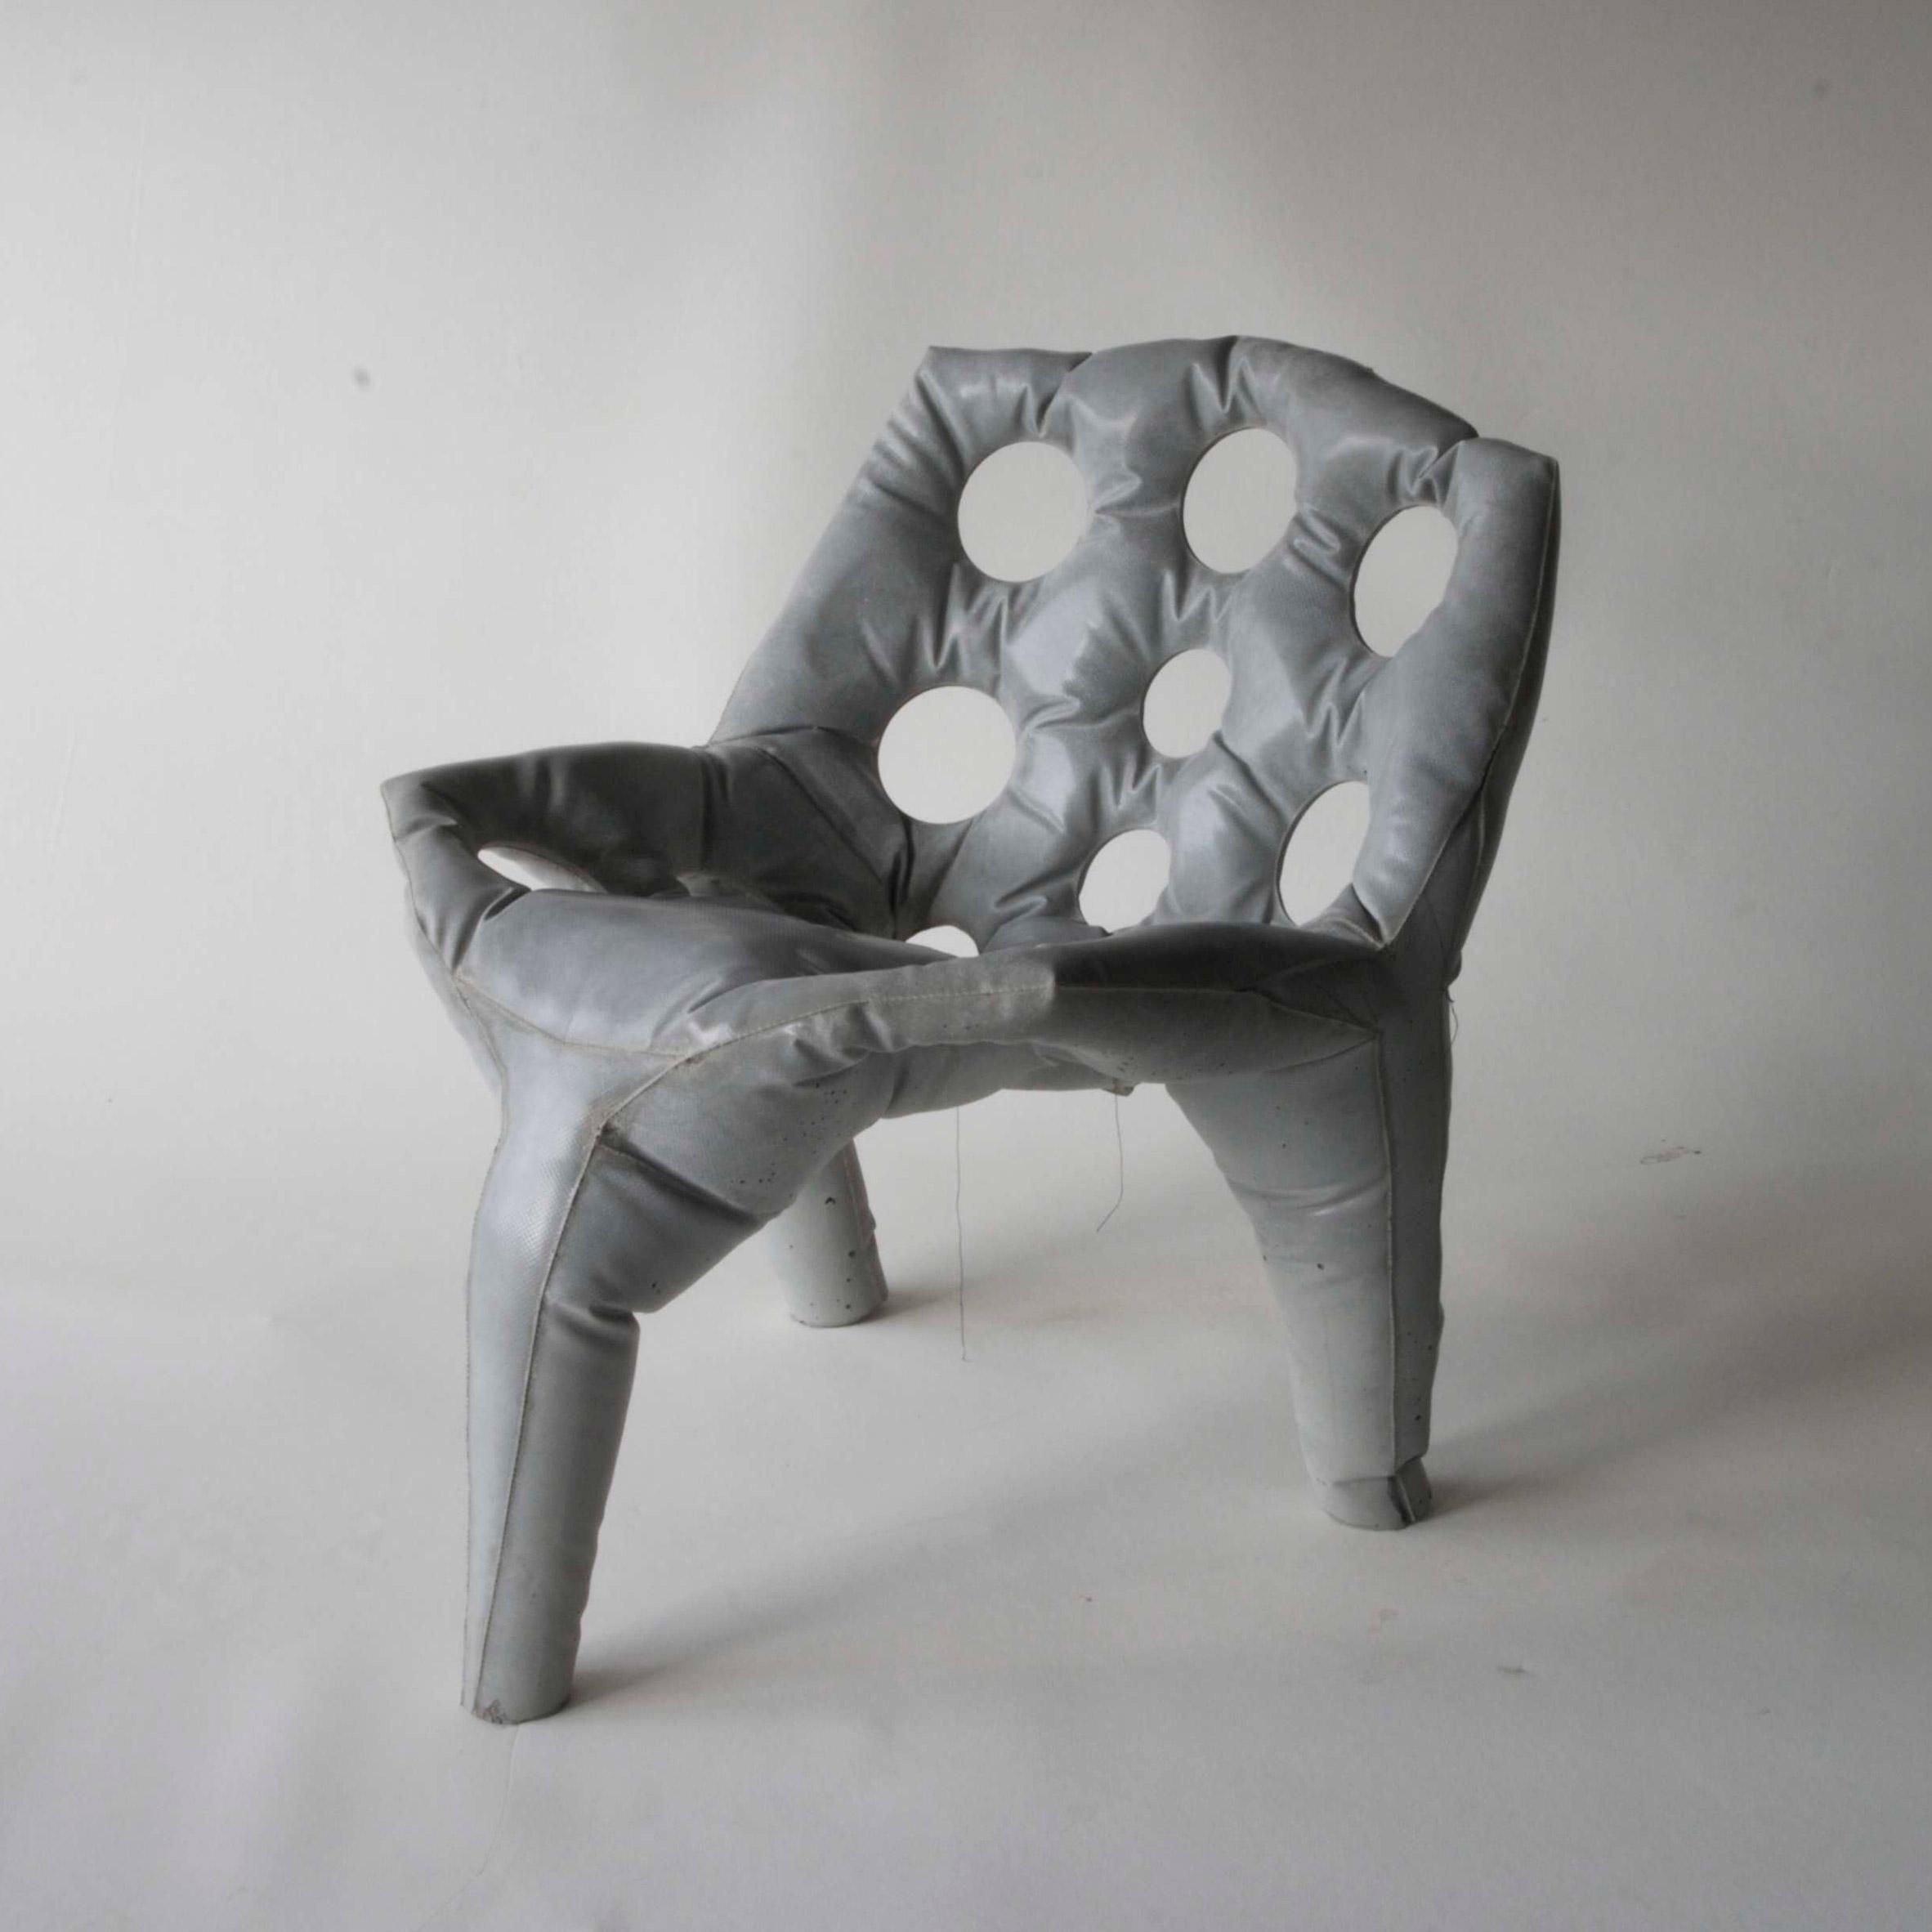 Concrete Chair by Tejo Remy & René Veenhuizen